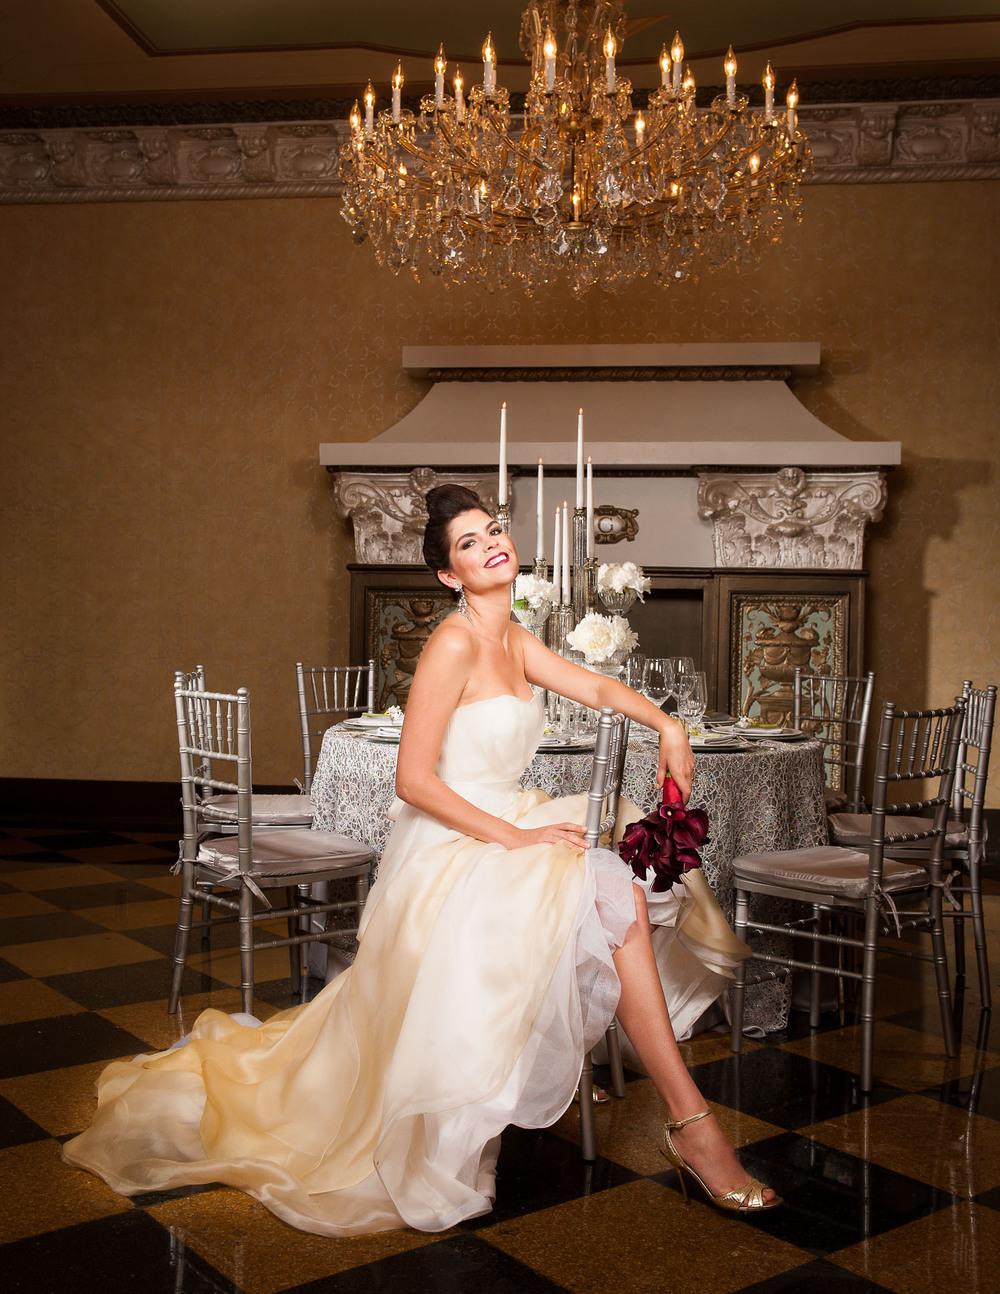 stewart_bertrand_wedding_photography_ewff12blogwed-1005.jpg